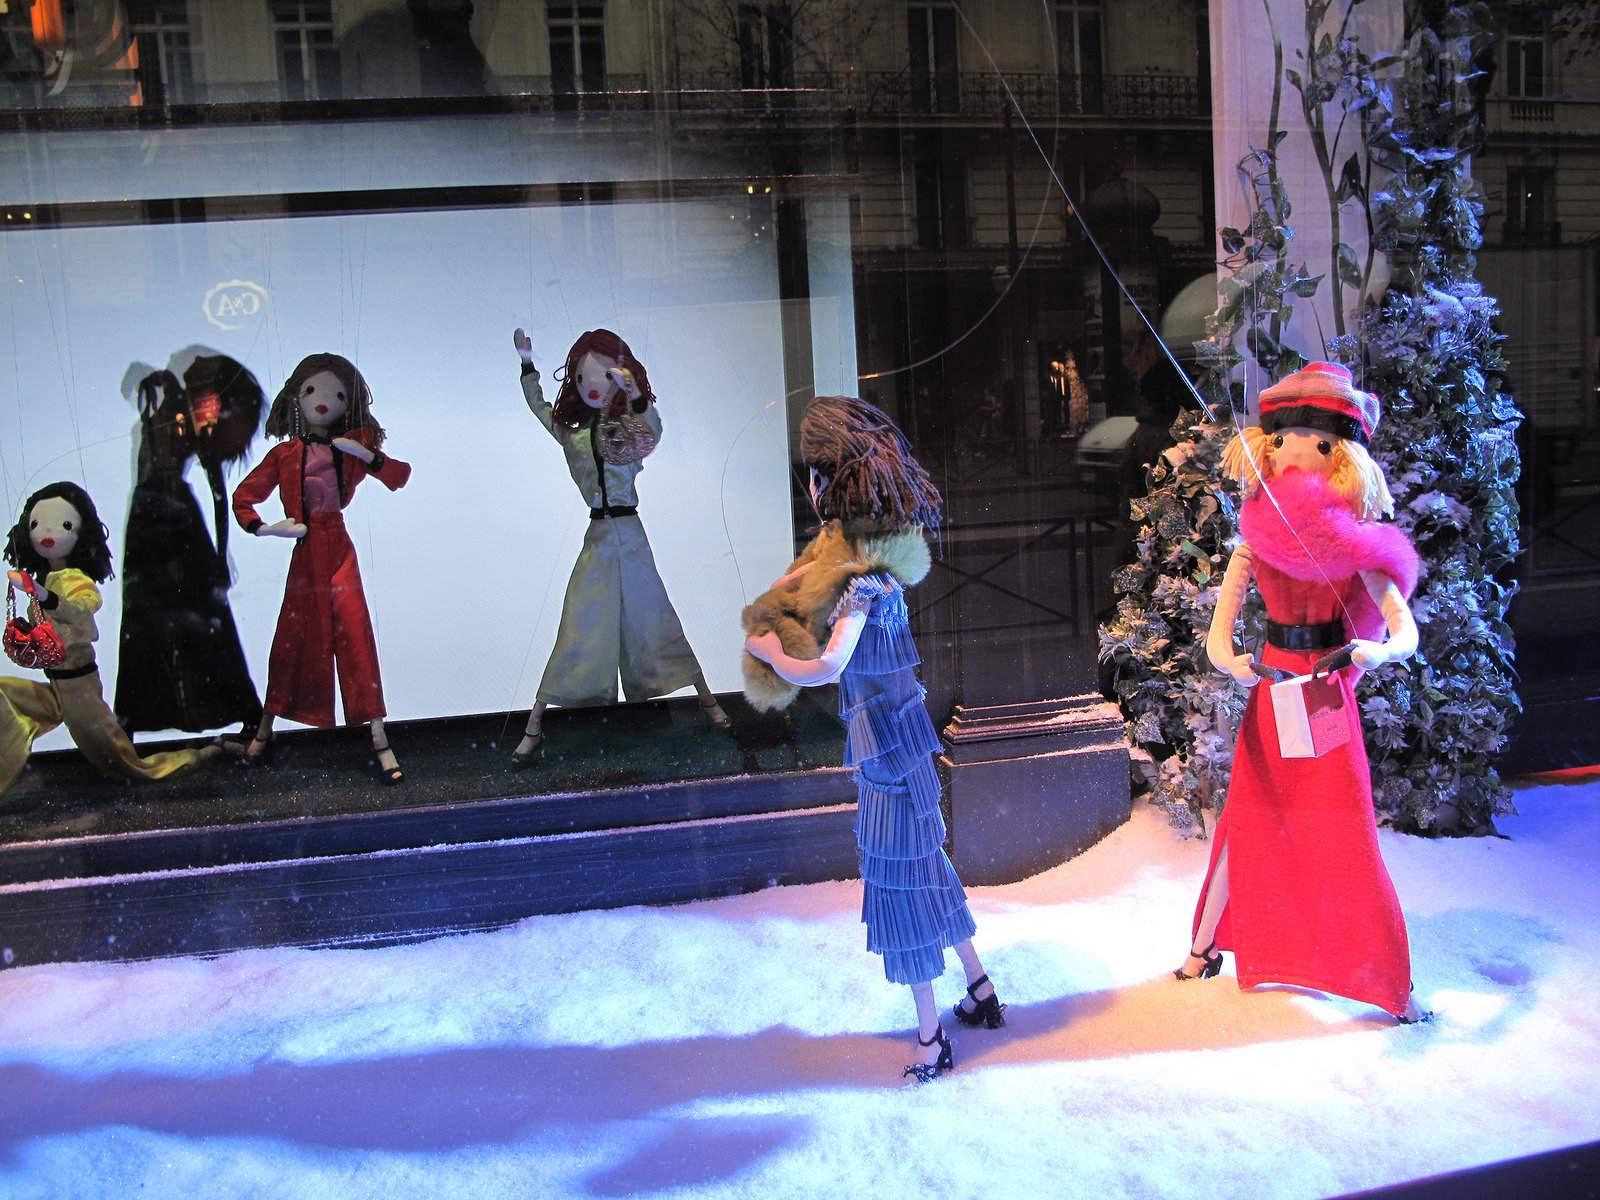 vitrines noel7 Christmas window displays in Paris